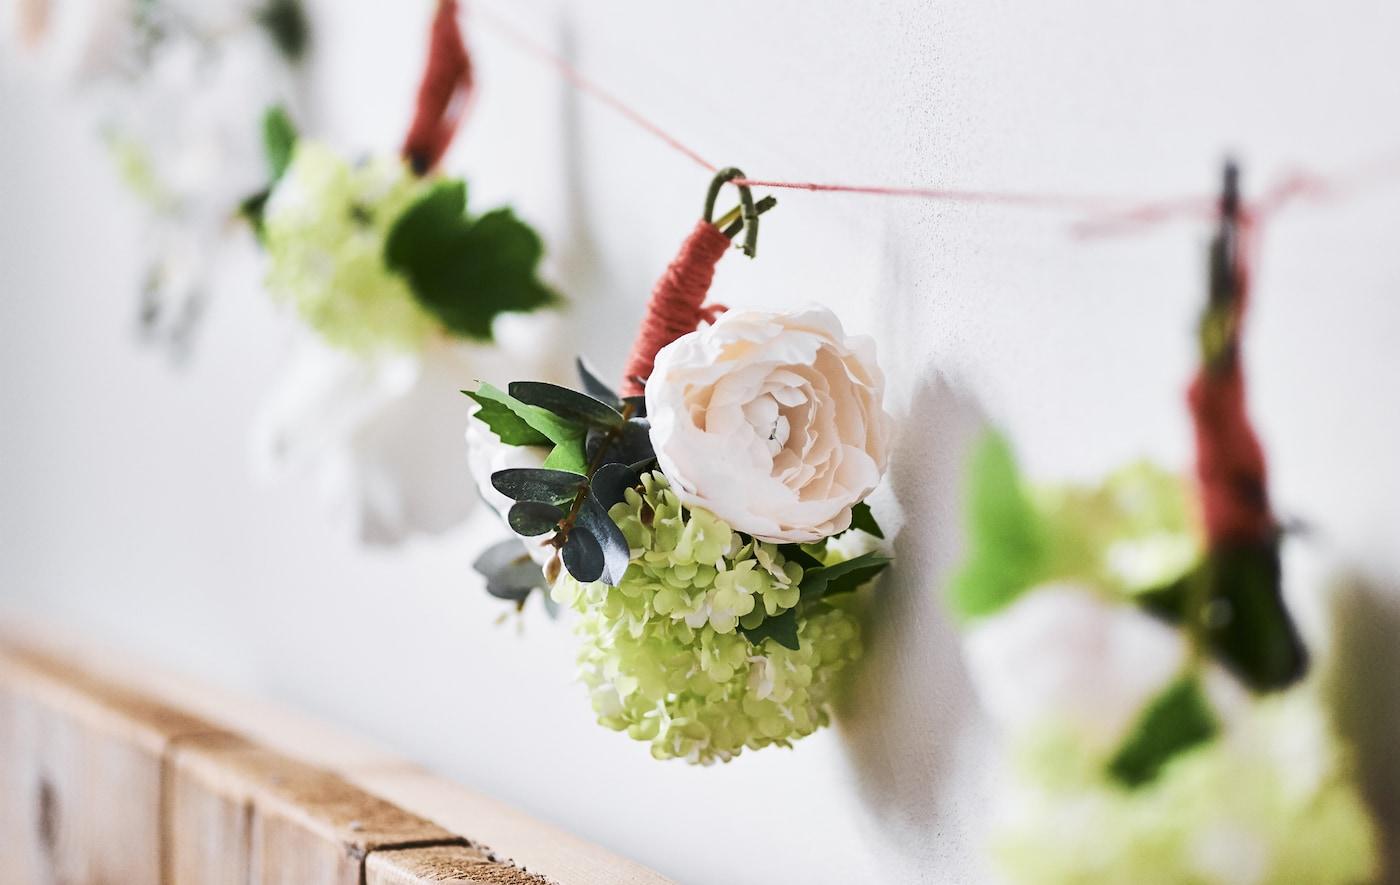 صورة مقربة لإكليل زهور على حائط أبيض.